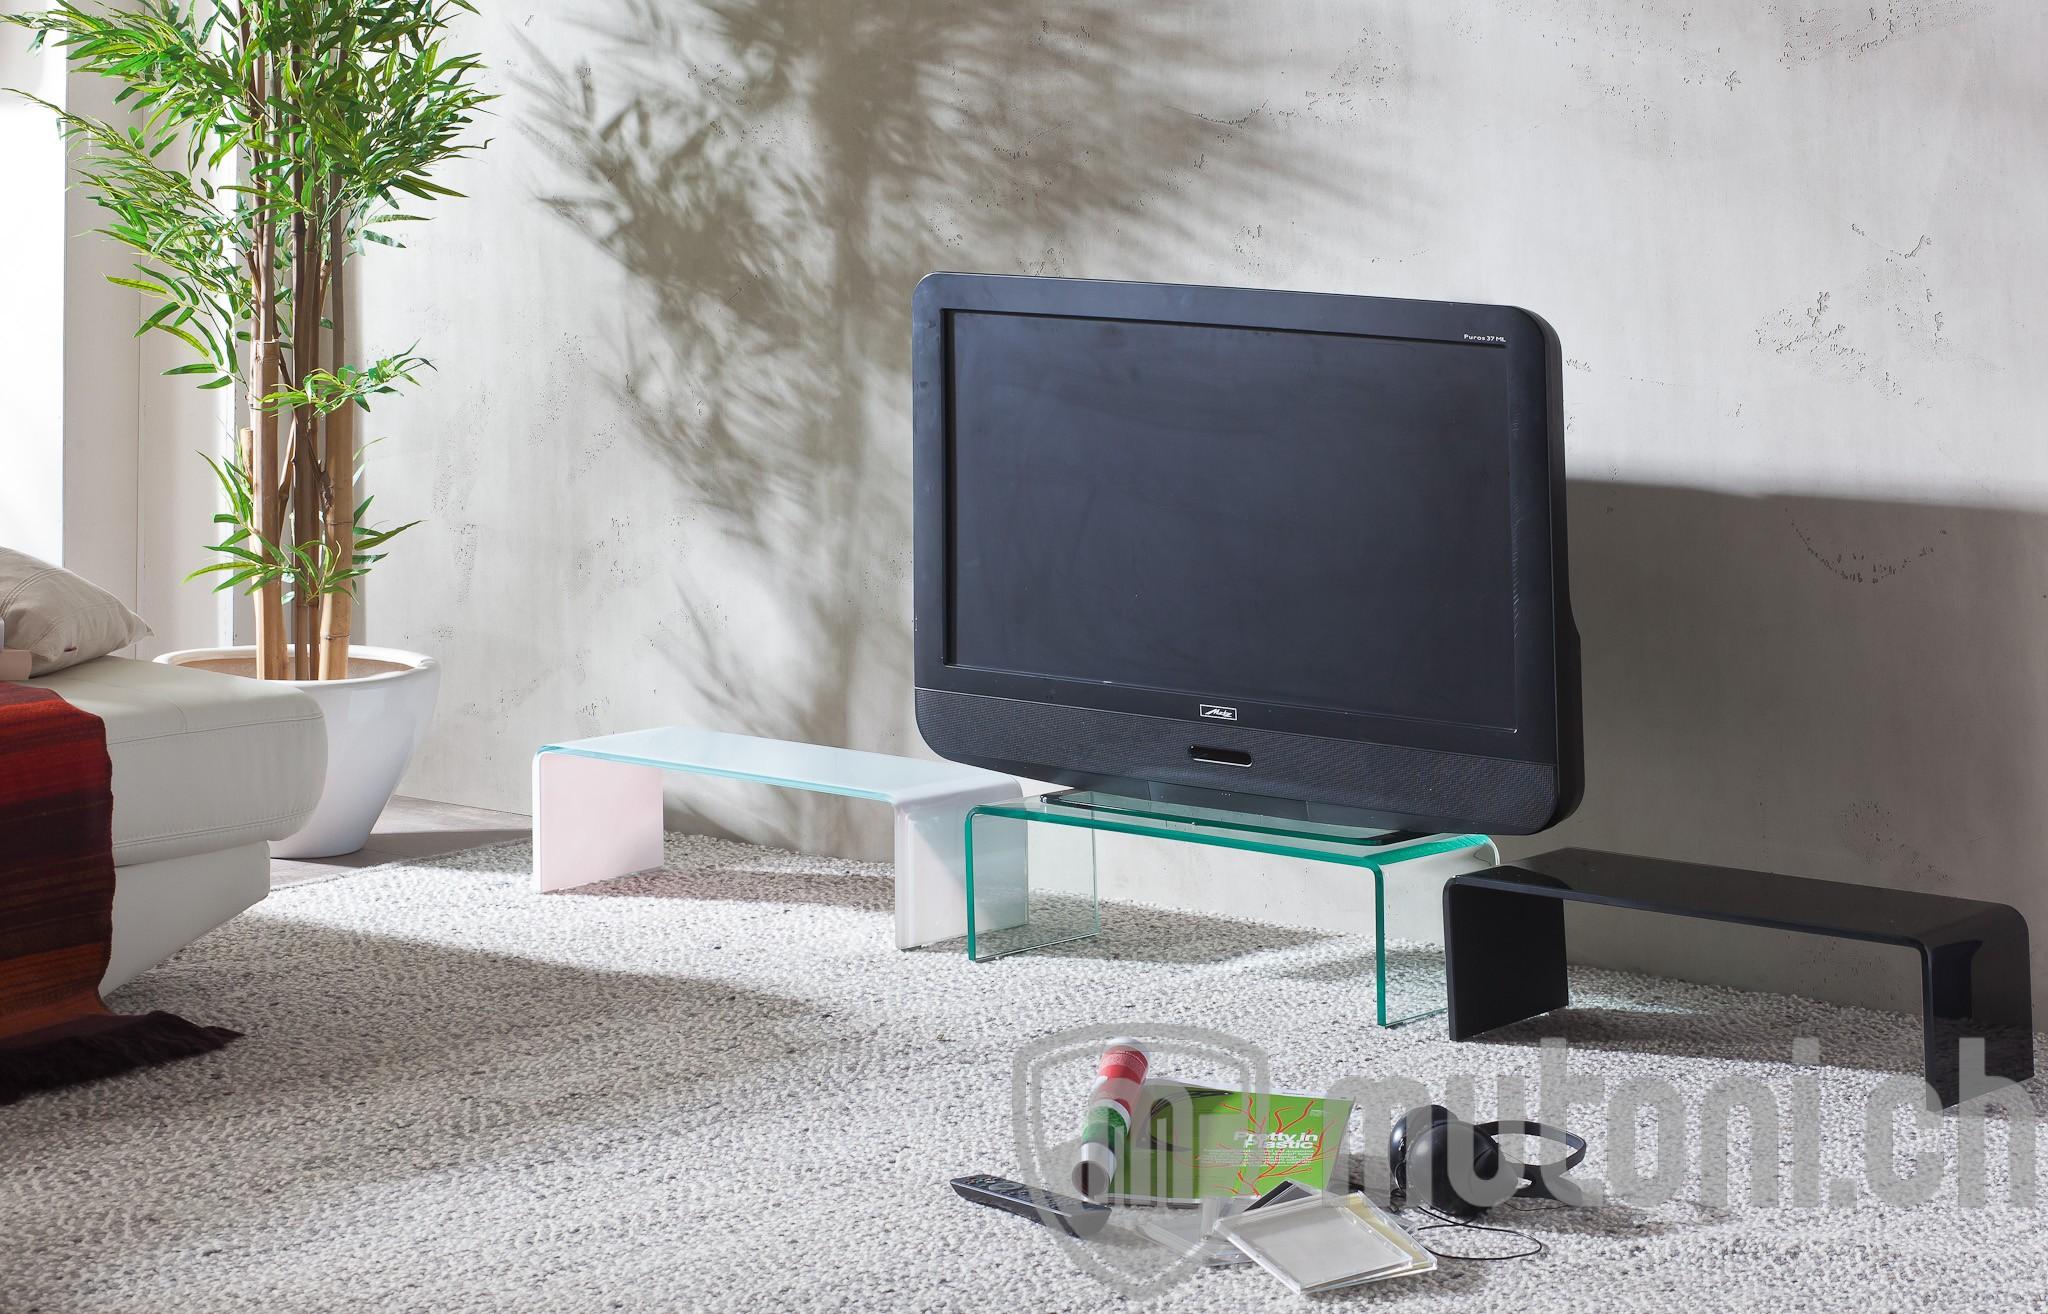 tv aufsatz glas hagen 90cm schwarz tv aufs tze tv m bel wohnzimmer m bel mutoni m bel. Black Bedroom Furniture Sets. Home Design Ideas